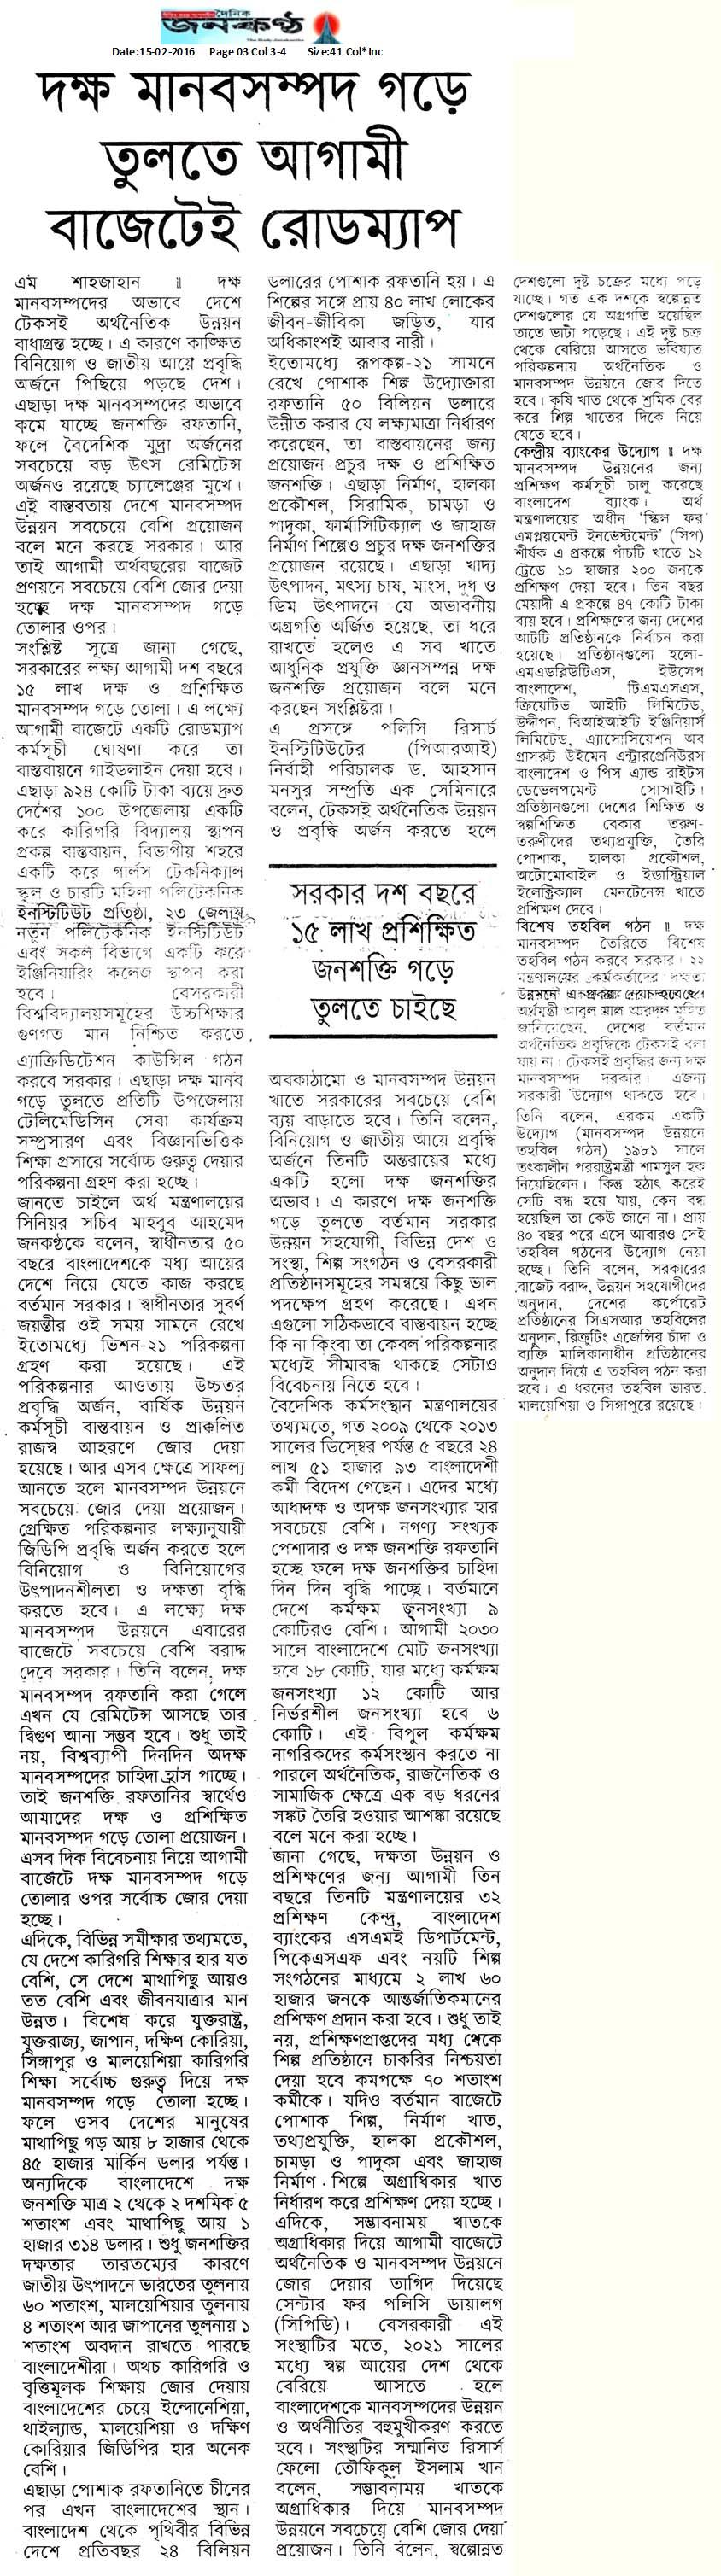 Janakantha, Page03, February 15, 2016